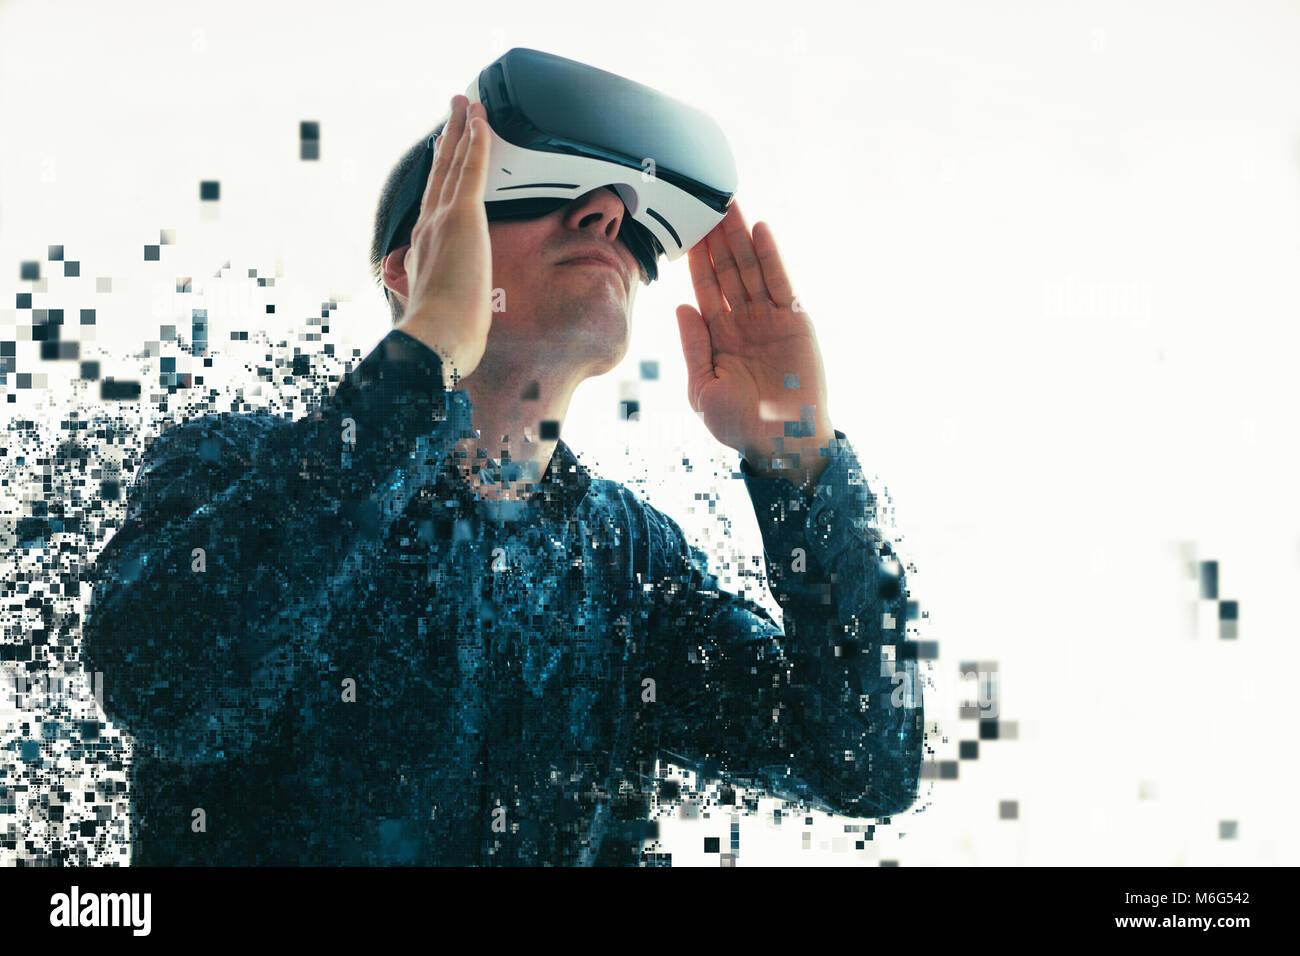 Una persona en gafas virtual vuela a píxeles. El Hombre con gafas de realidad virtual. La tecnología del Imagen De Stock